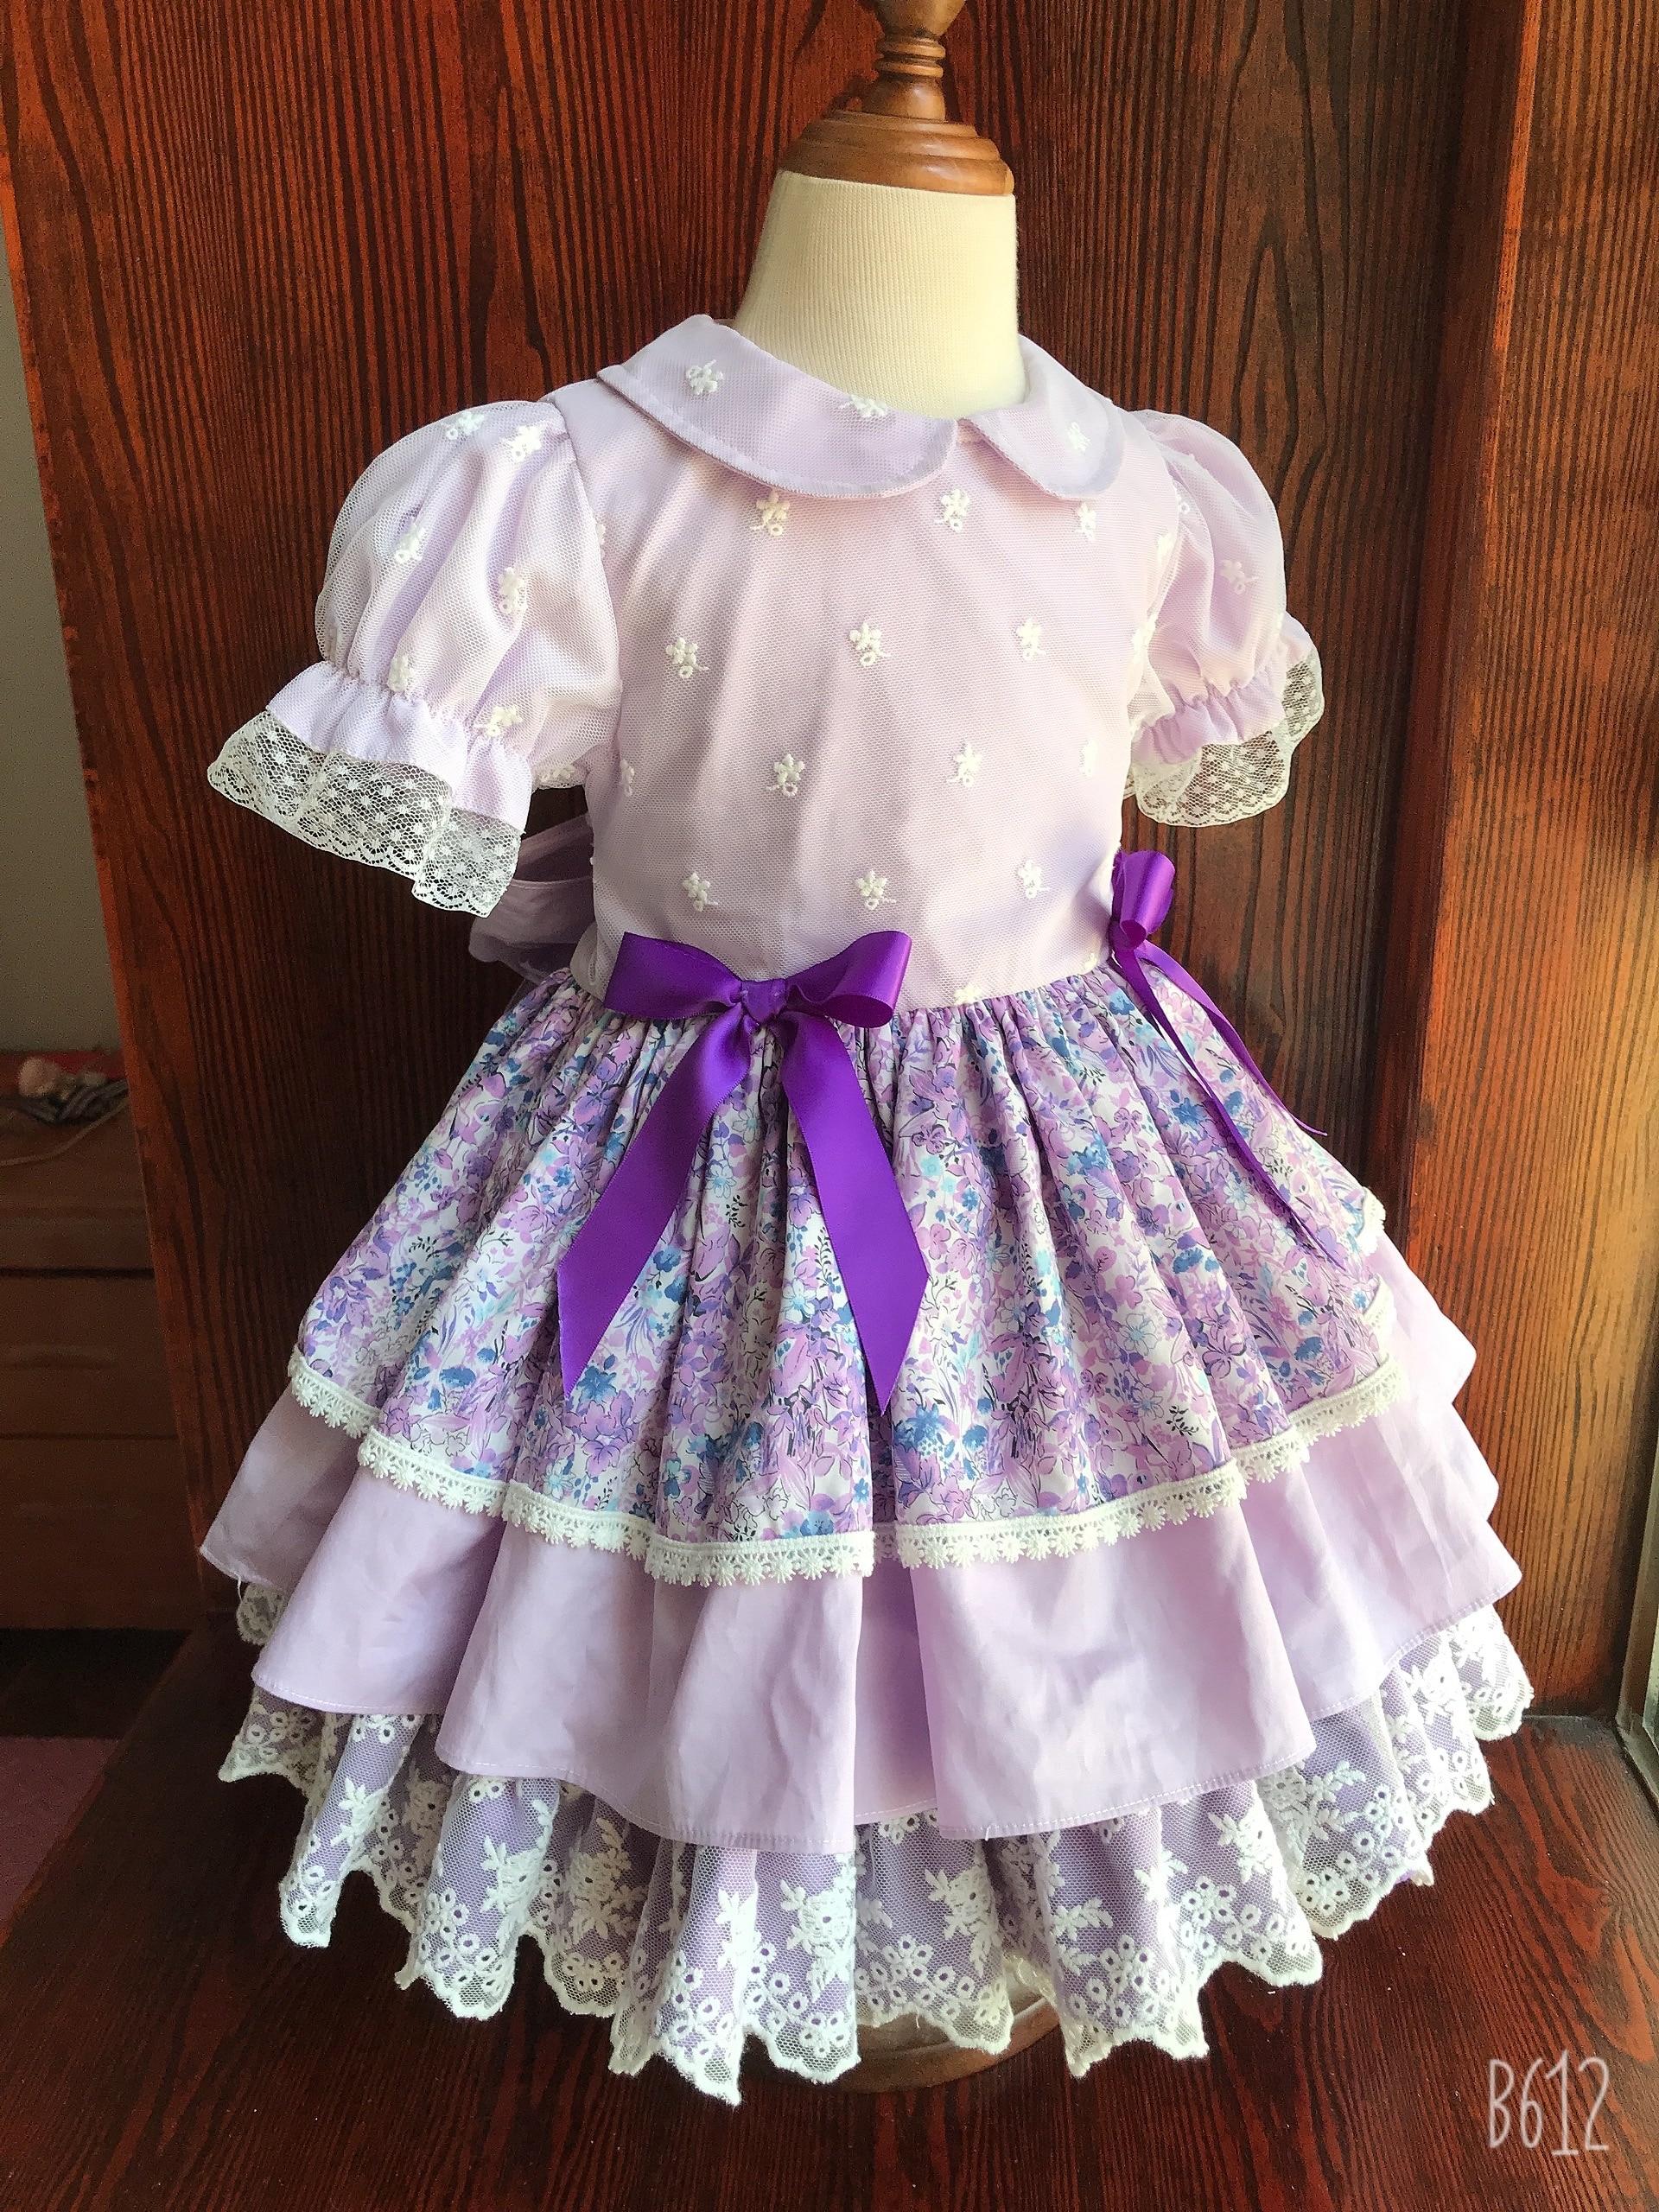 طفلة الصيف الأرجواني الأزهار التركية الإسبانية فيتتاج لوليتا الكرة ثوب الأميرة فستان لعيد ميلاد عطلة عيد